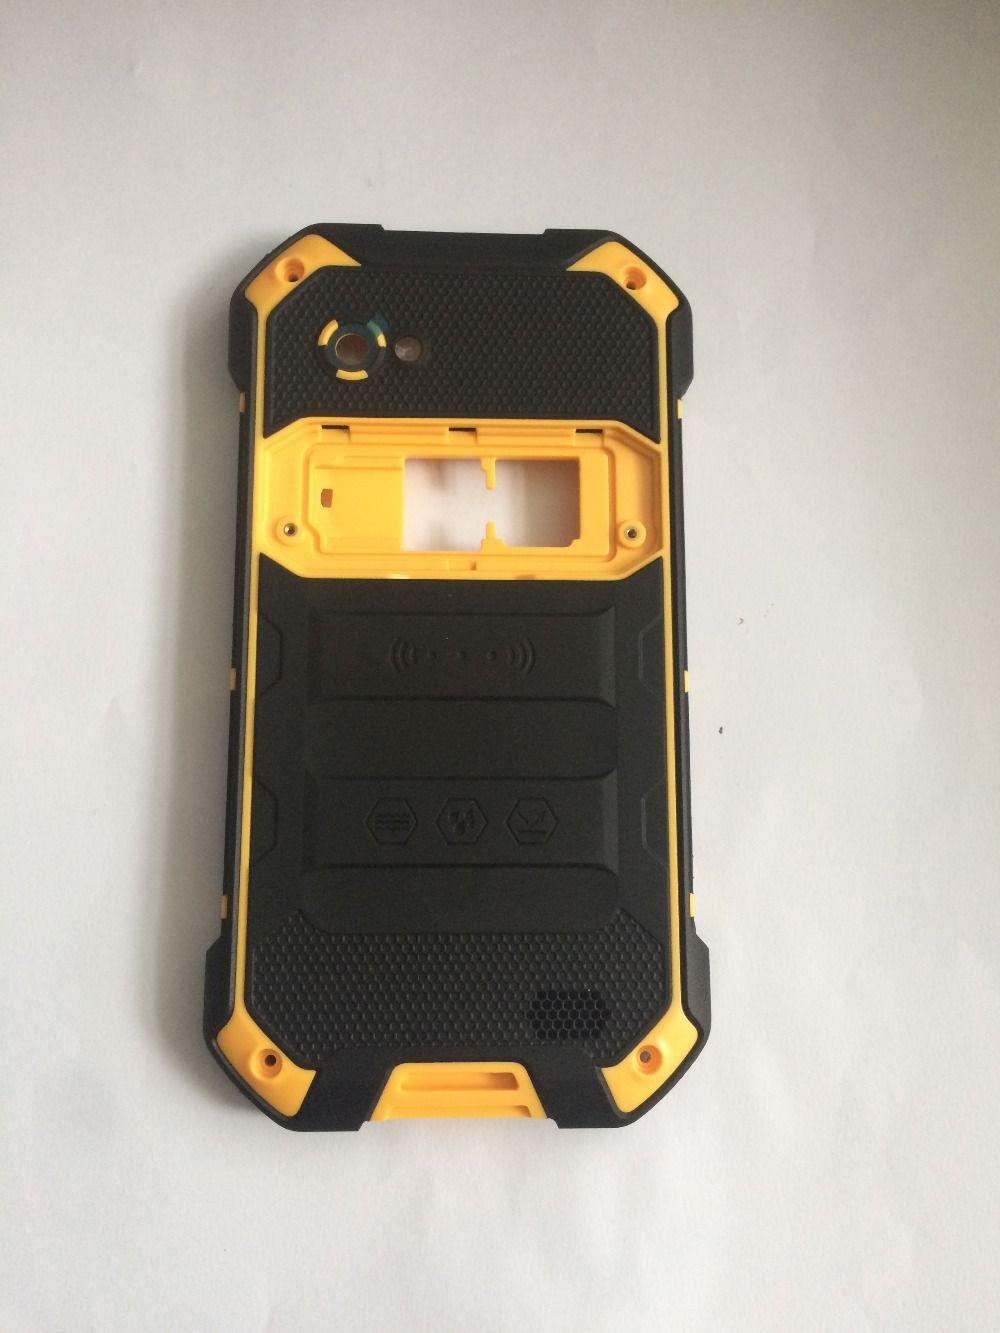 New Blackview BV6000 Battery Cover Back Shell+Loud Speaker For Blackview BV6000S Phone Free shipping+<font><b>tracking</b></font> number